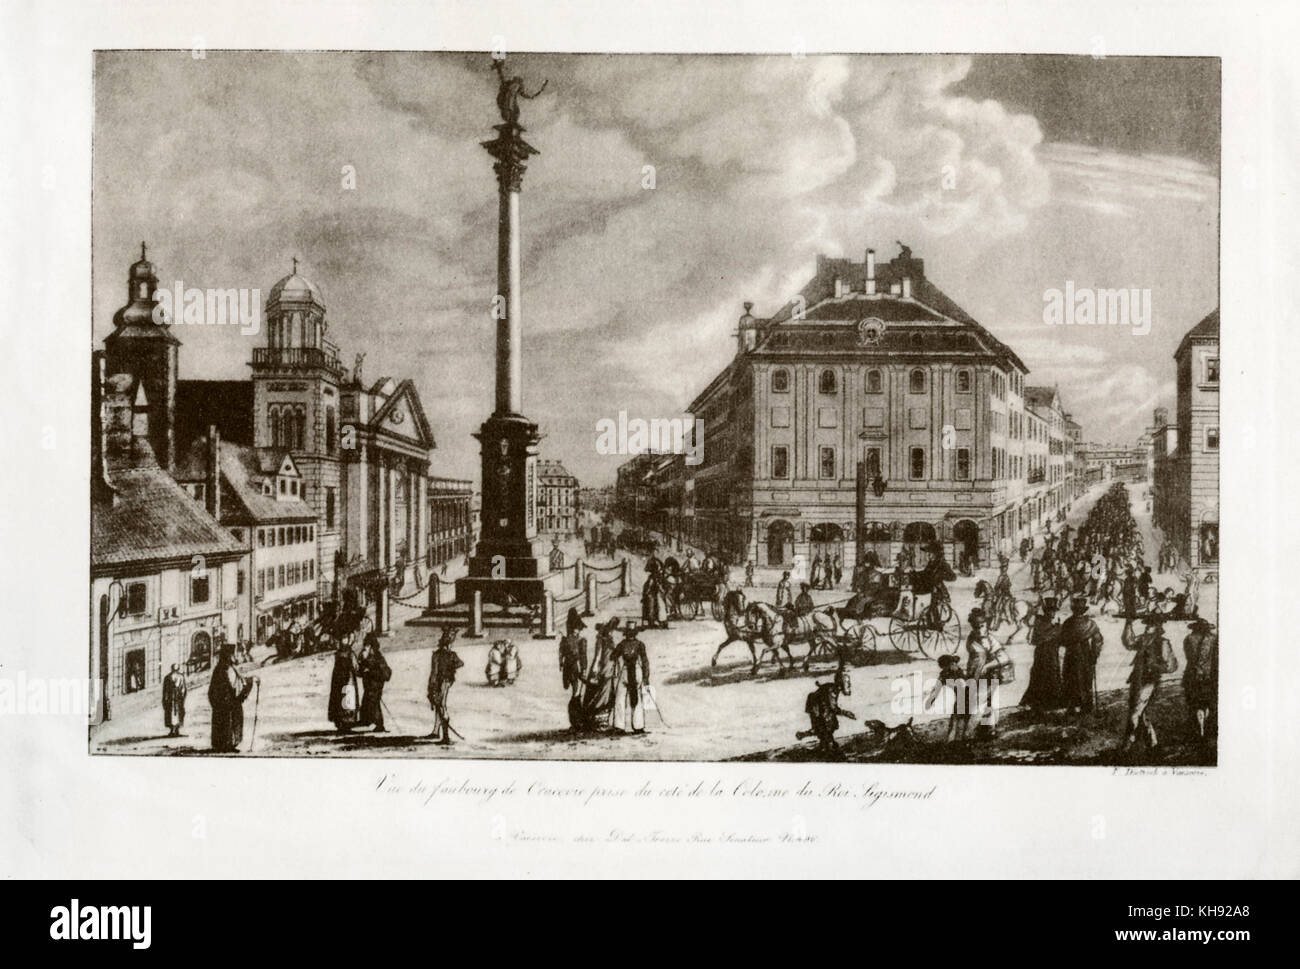 View of Krakowskie Przedmiescie (Krakow Suburb) from the direction of the King Zygmunt Column. Aquatint by Frederyk - Stock Image